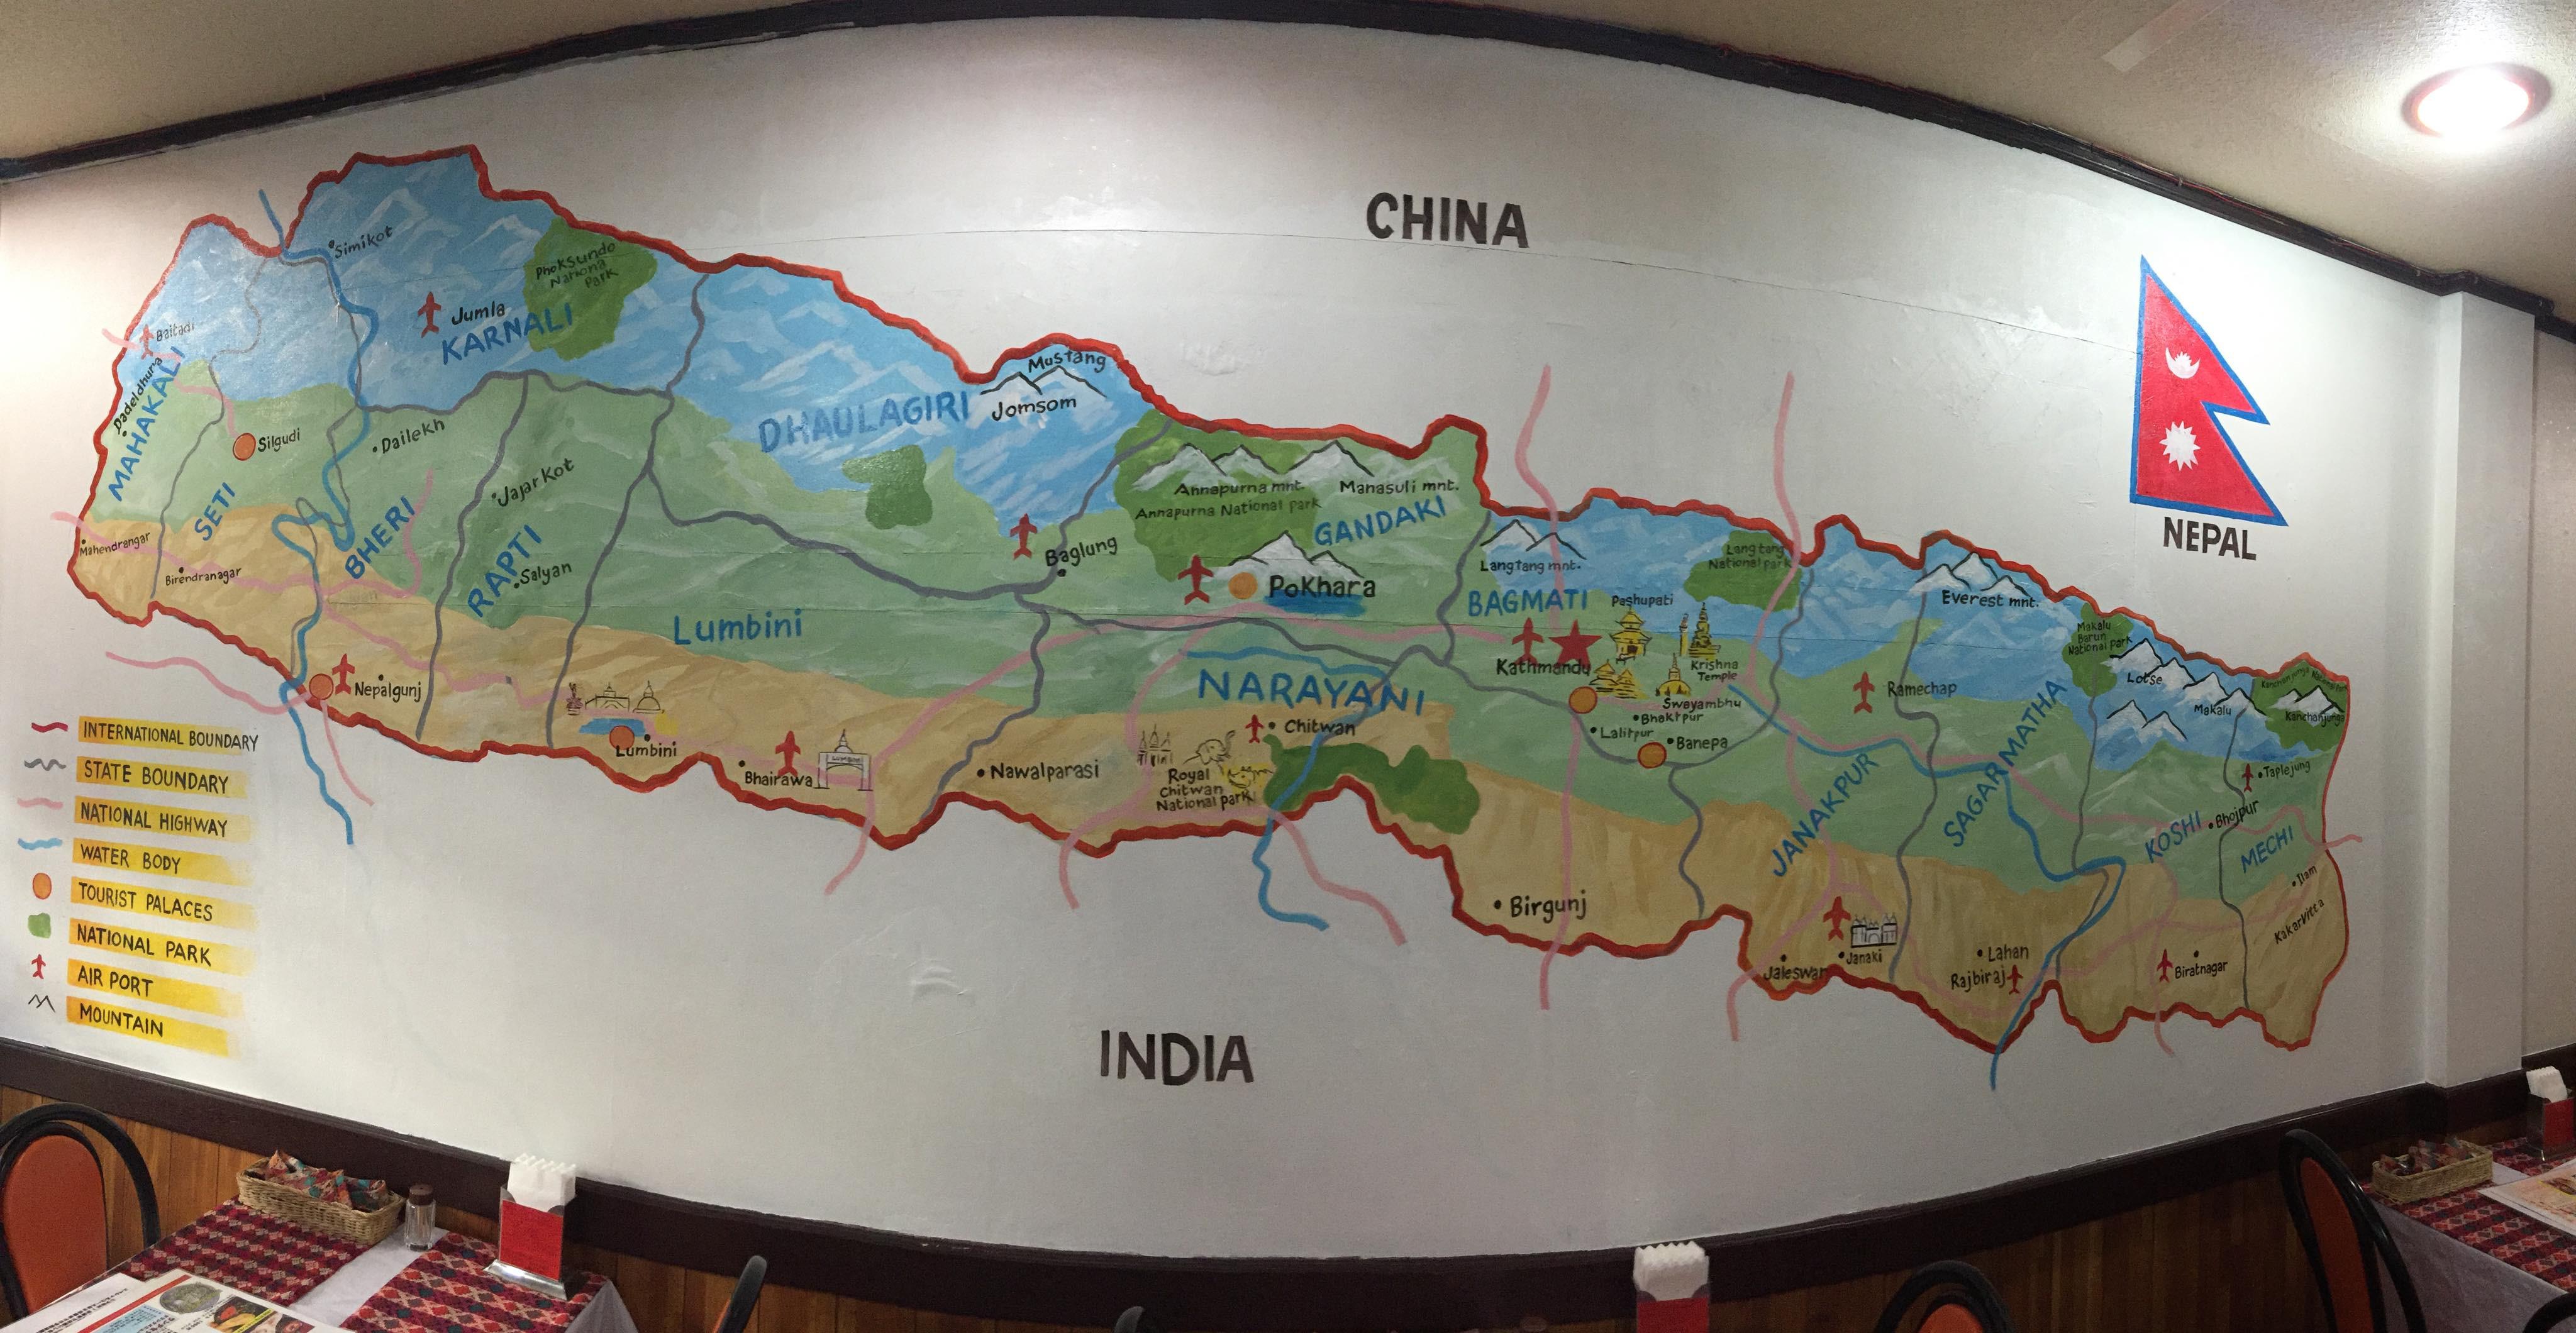 ネパールツアー相談